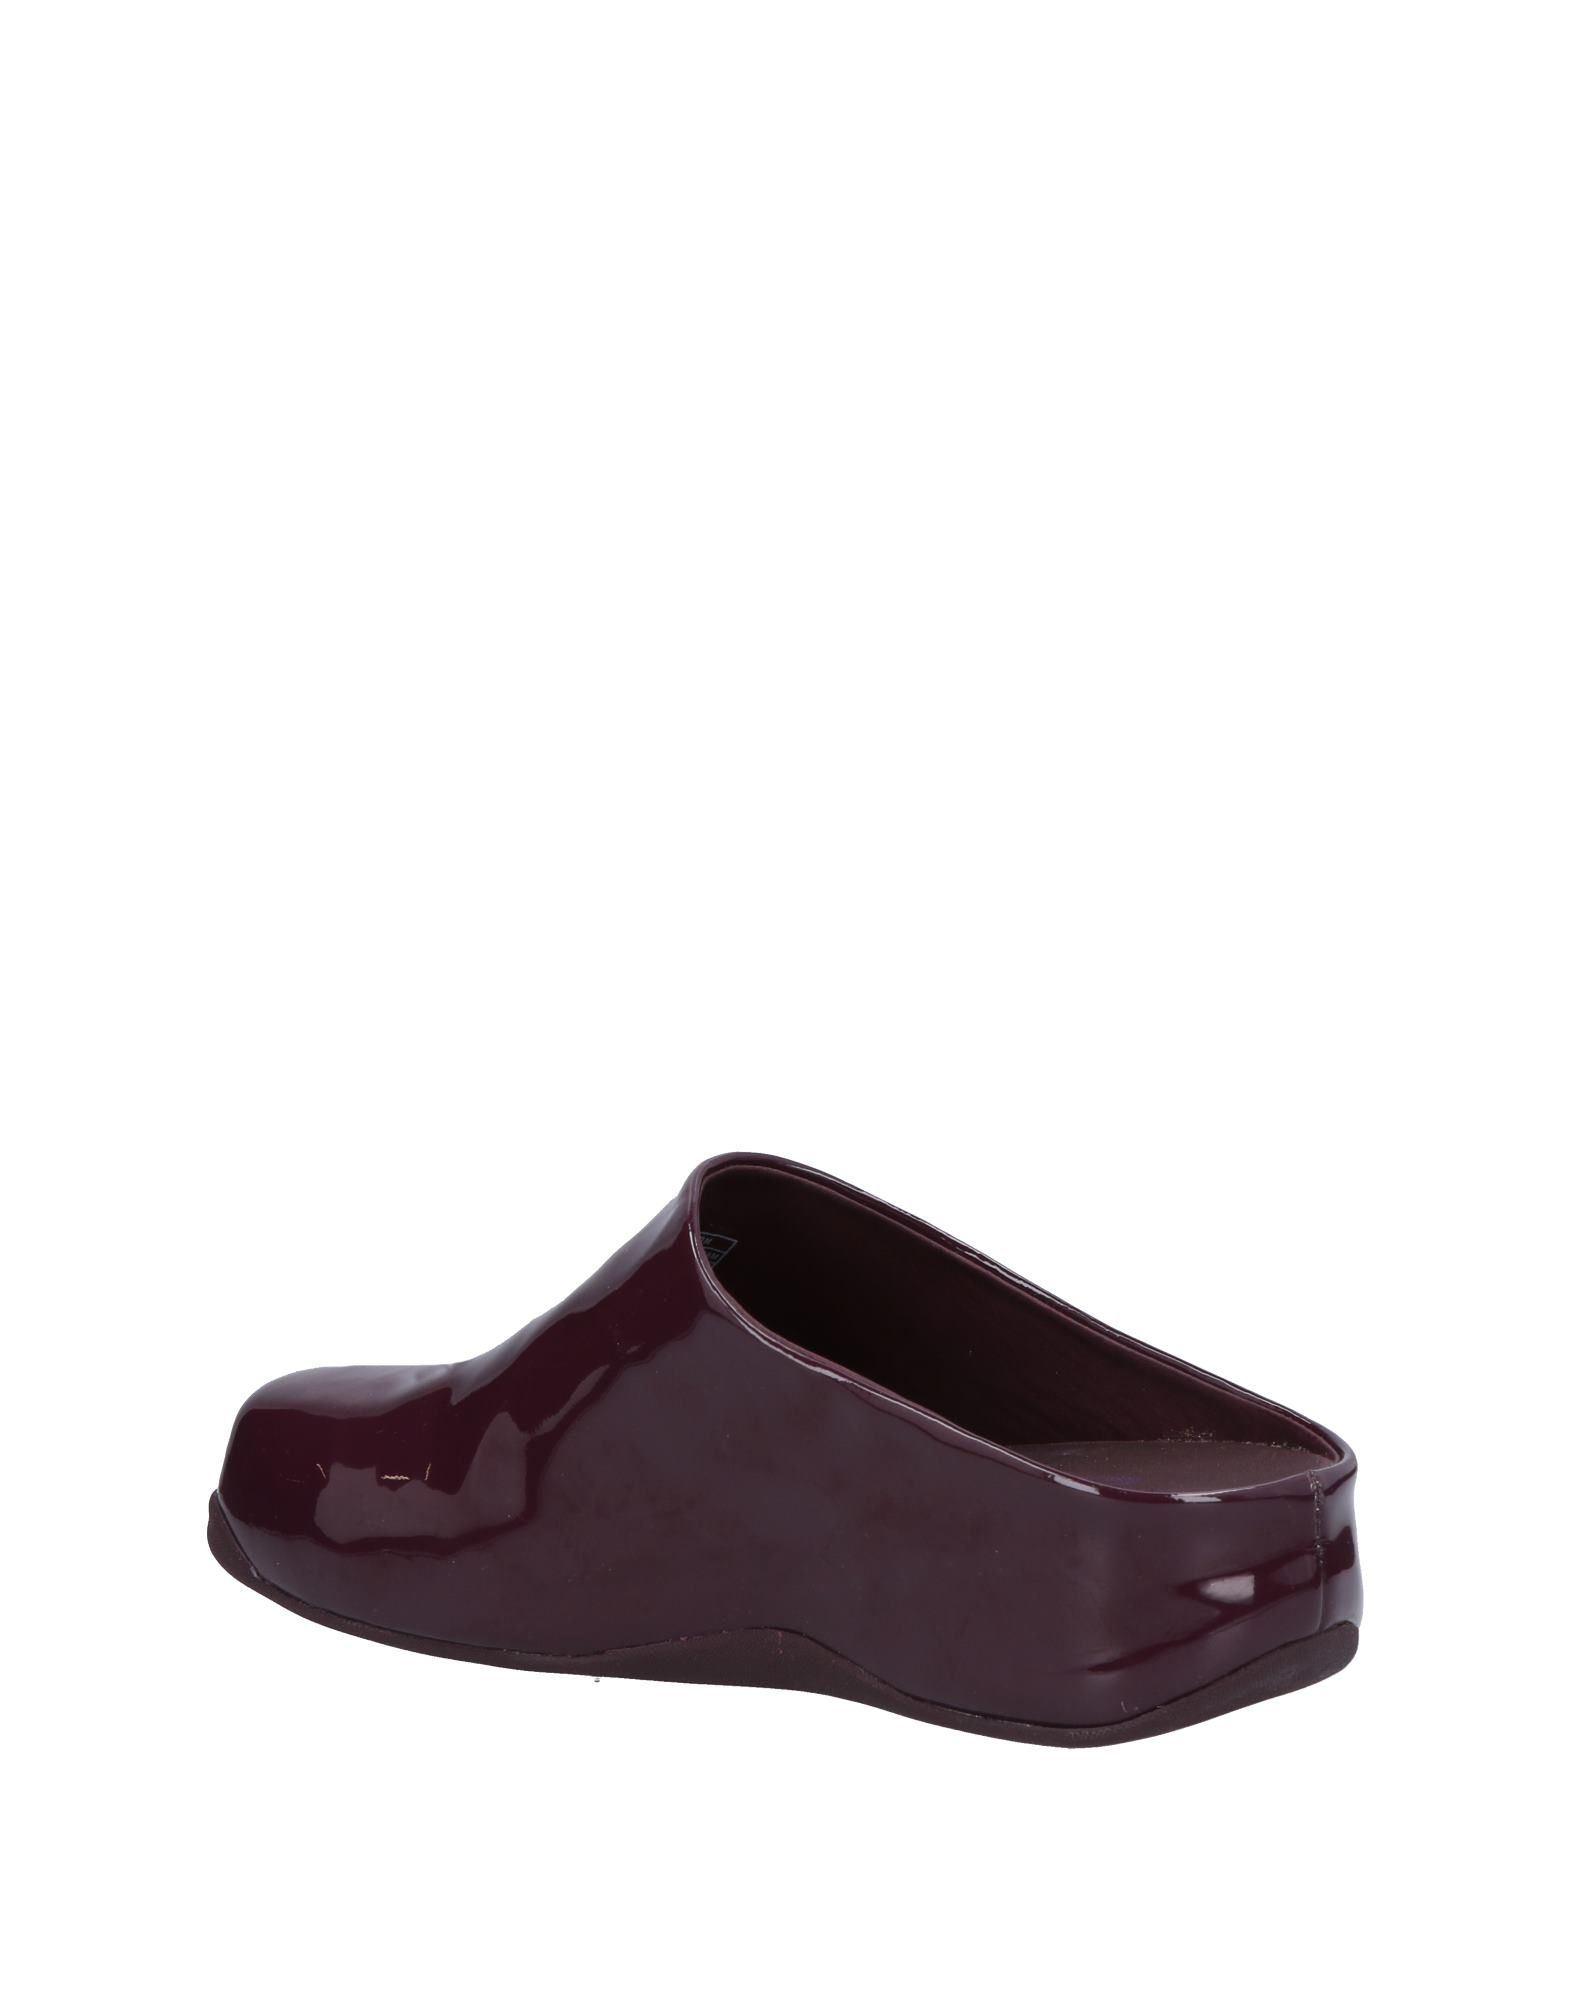 Fitflop Heiße Pantoletten Damen  11469883DK Heiße Fitflop Schuhe 67fda6